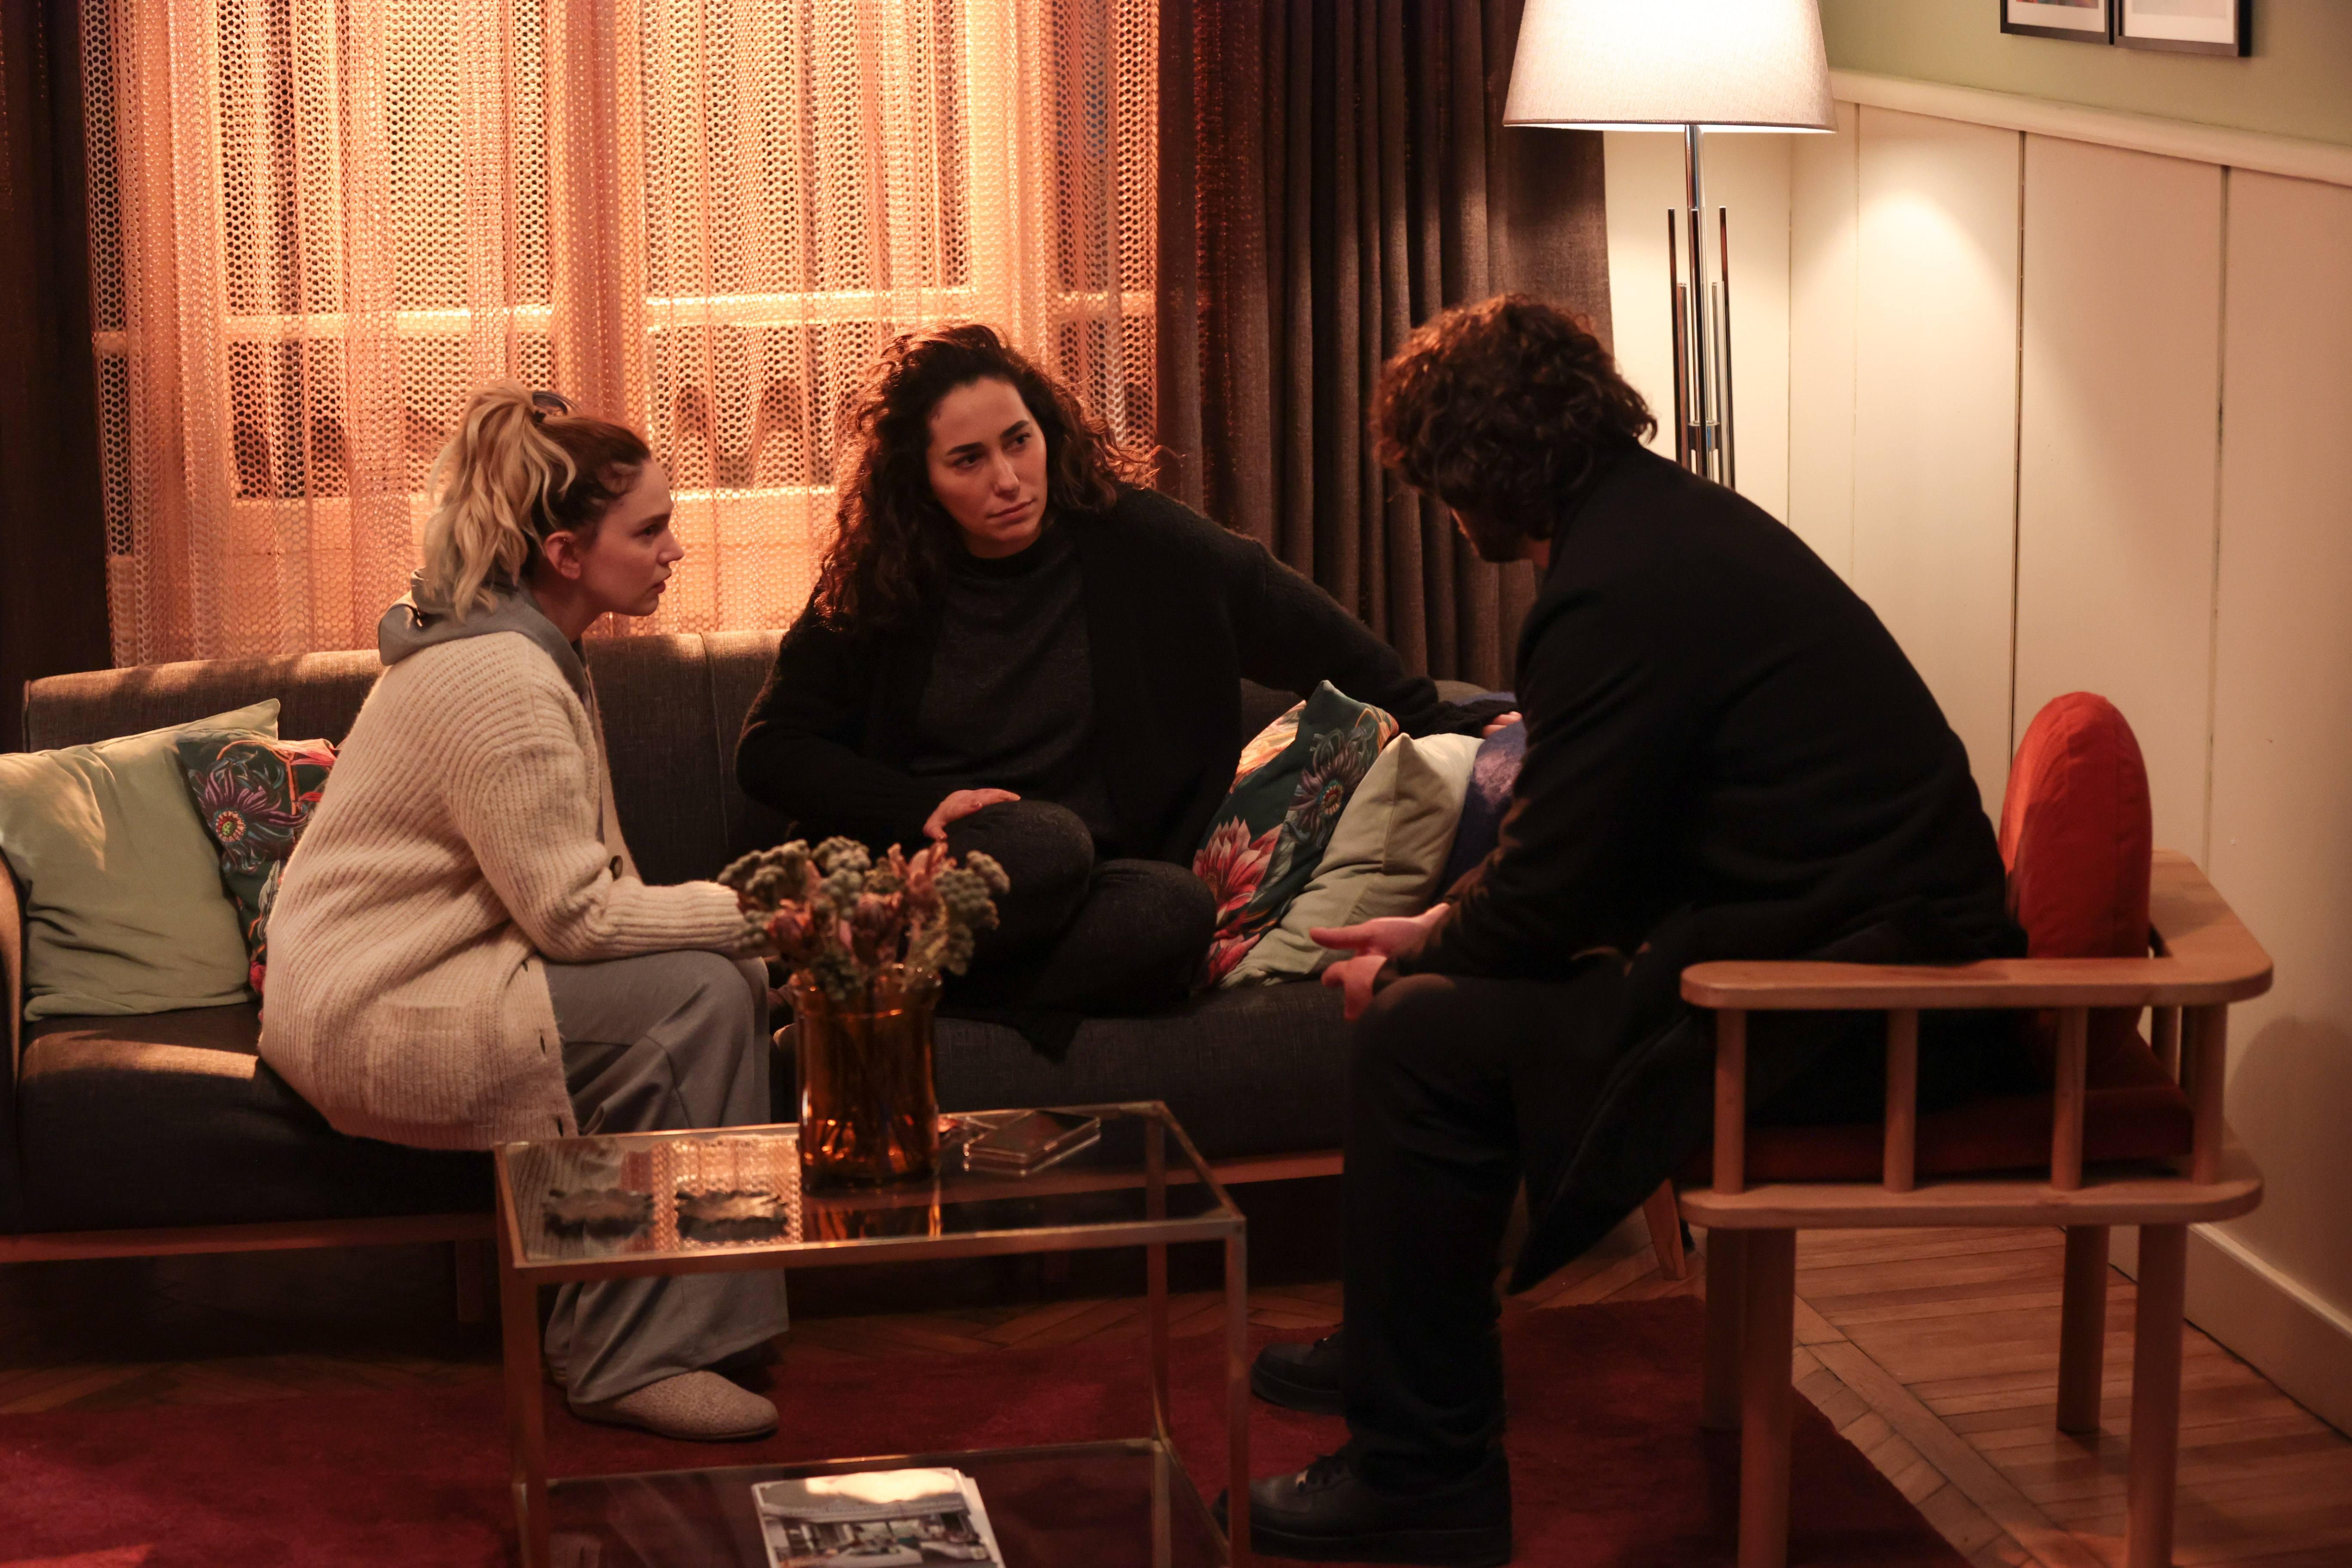 Masumlar Apartmanı 30. bölüm full izle Masumlar Apartmanı son bölüm TRT 1 full izle